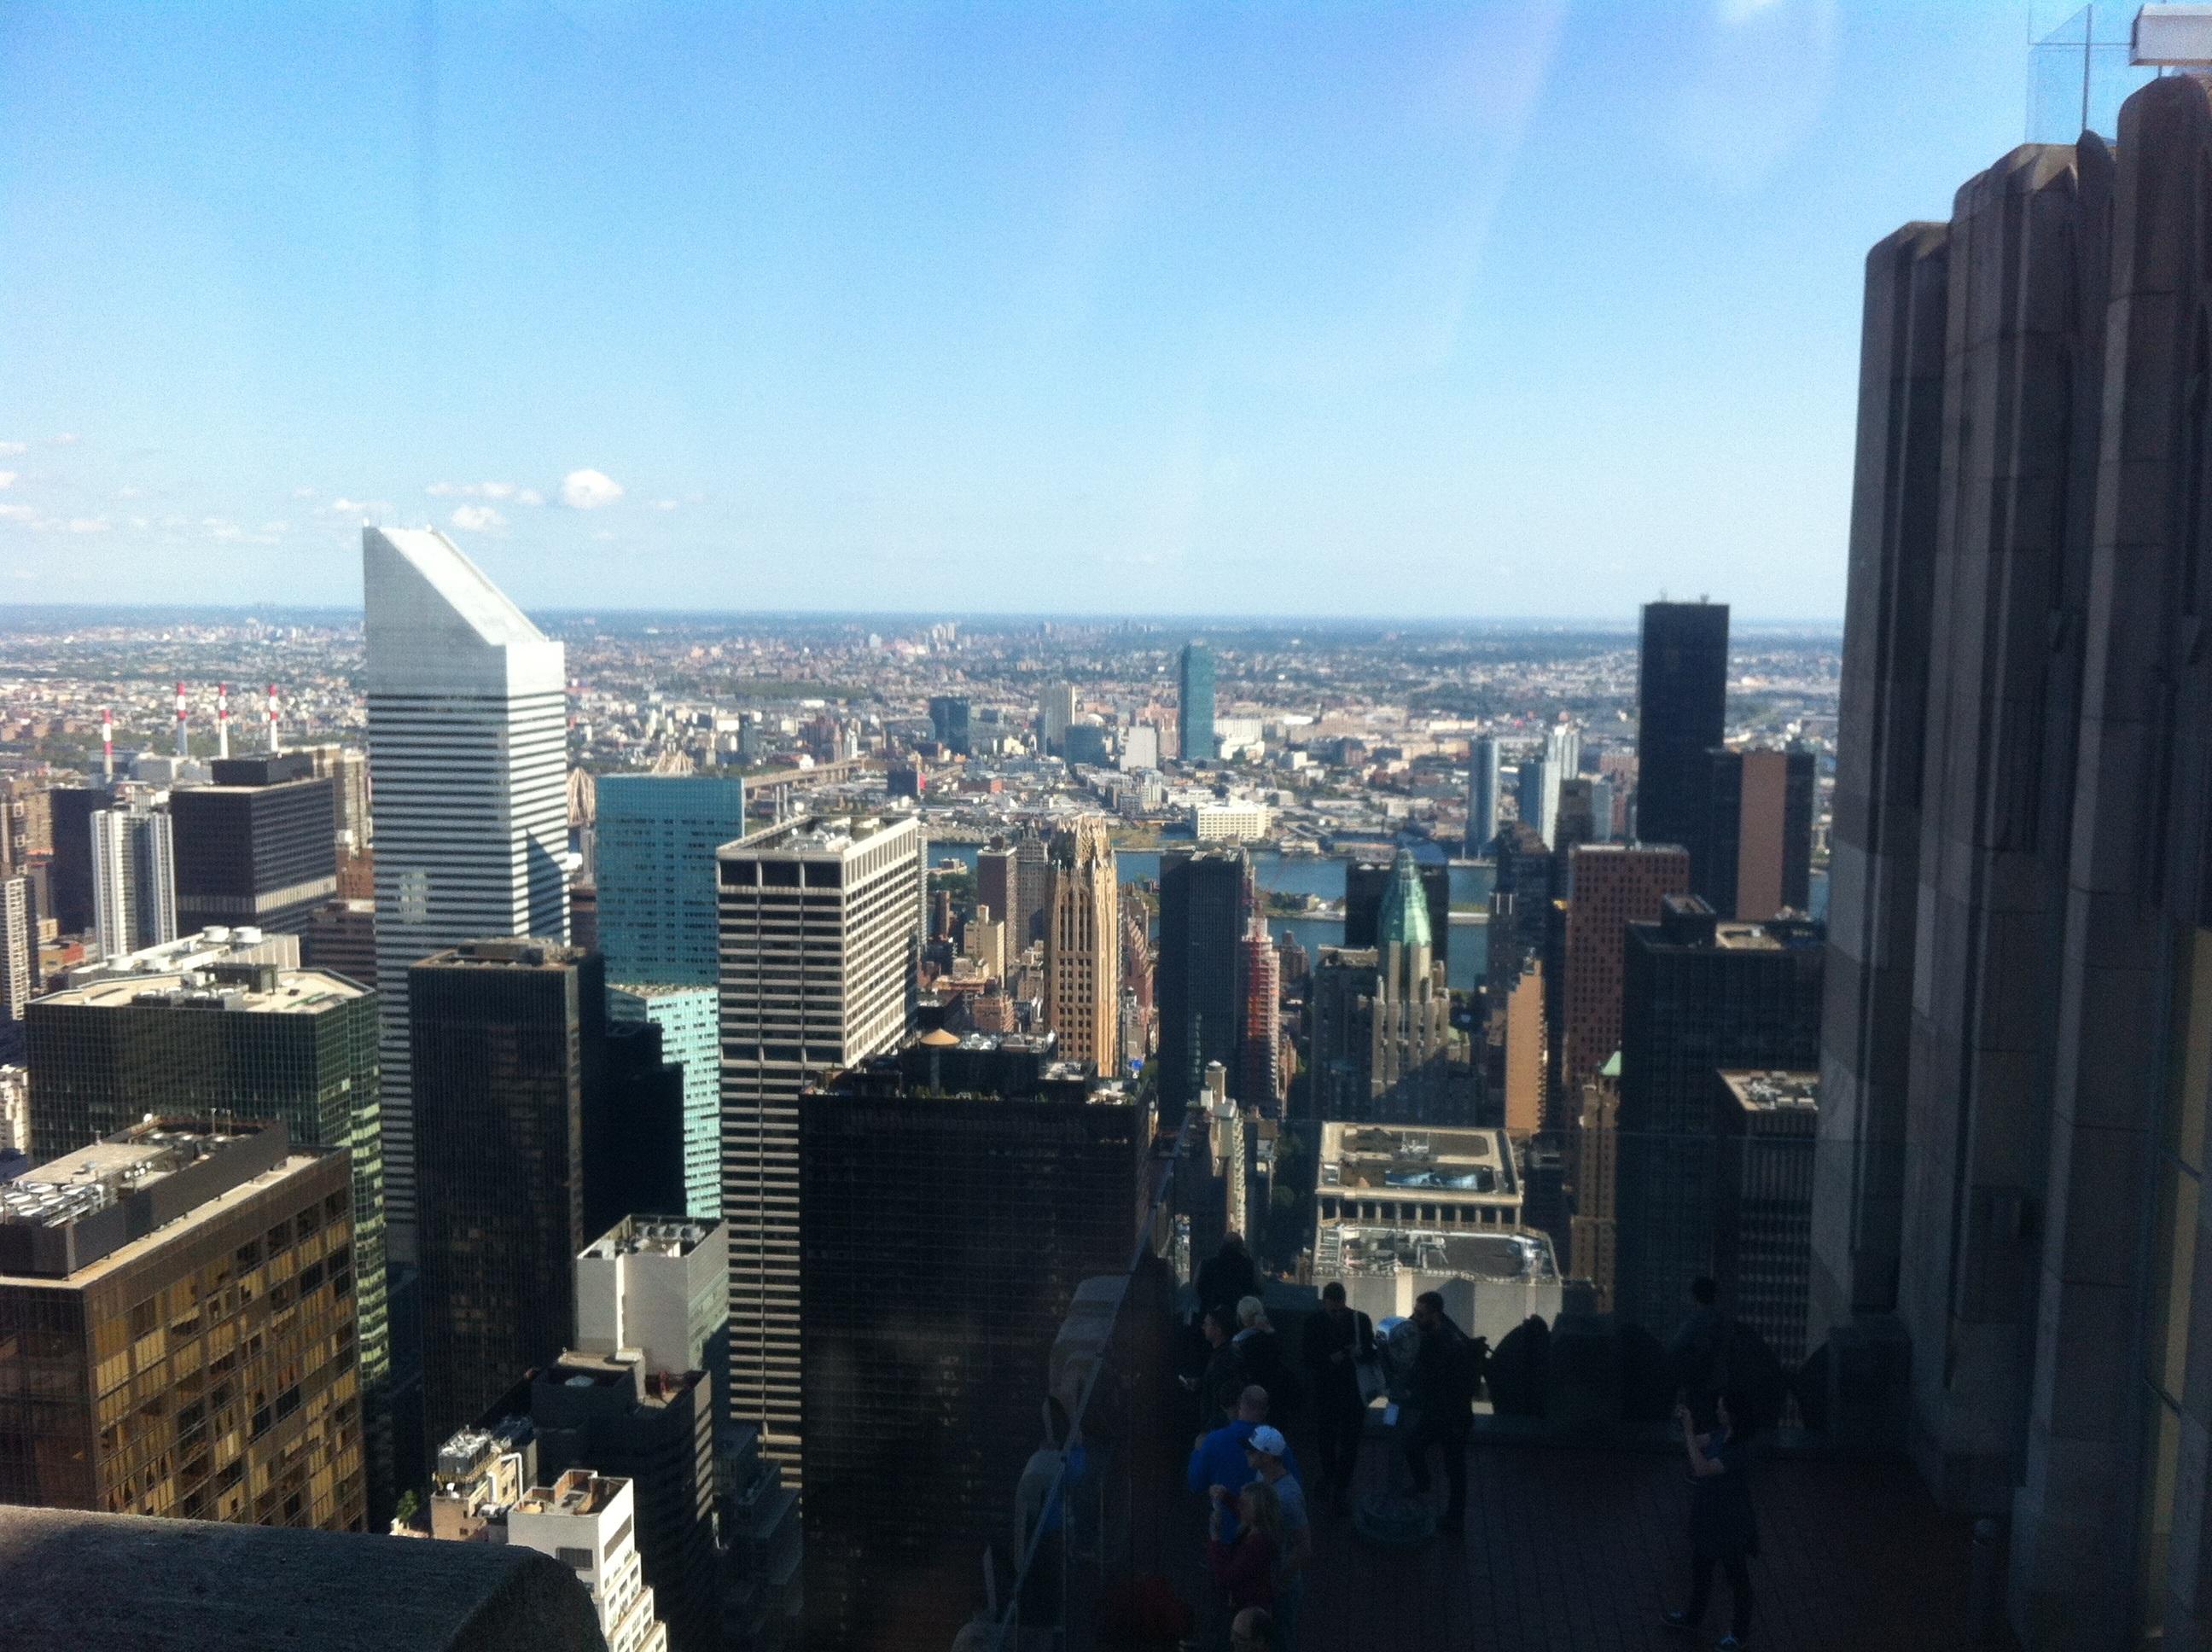 nueva york paisaje urbano panorama centro de la ciudad estados unidos america fiesta punto de referencia bloque de pisos nubes rascacielos